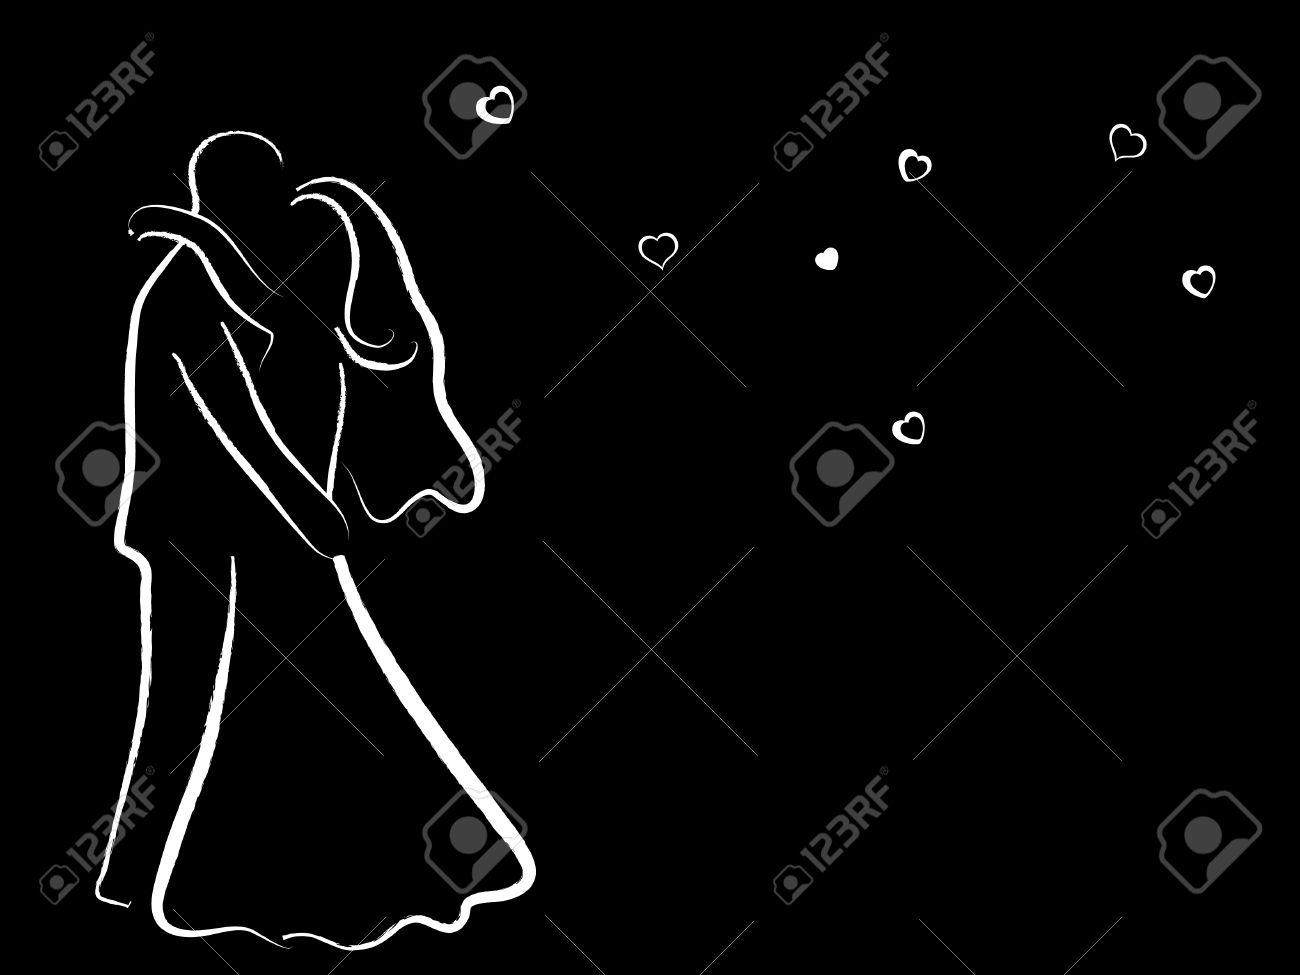 White wedding couple on black background - 8014038